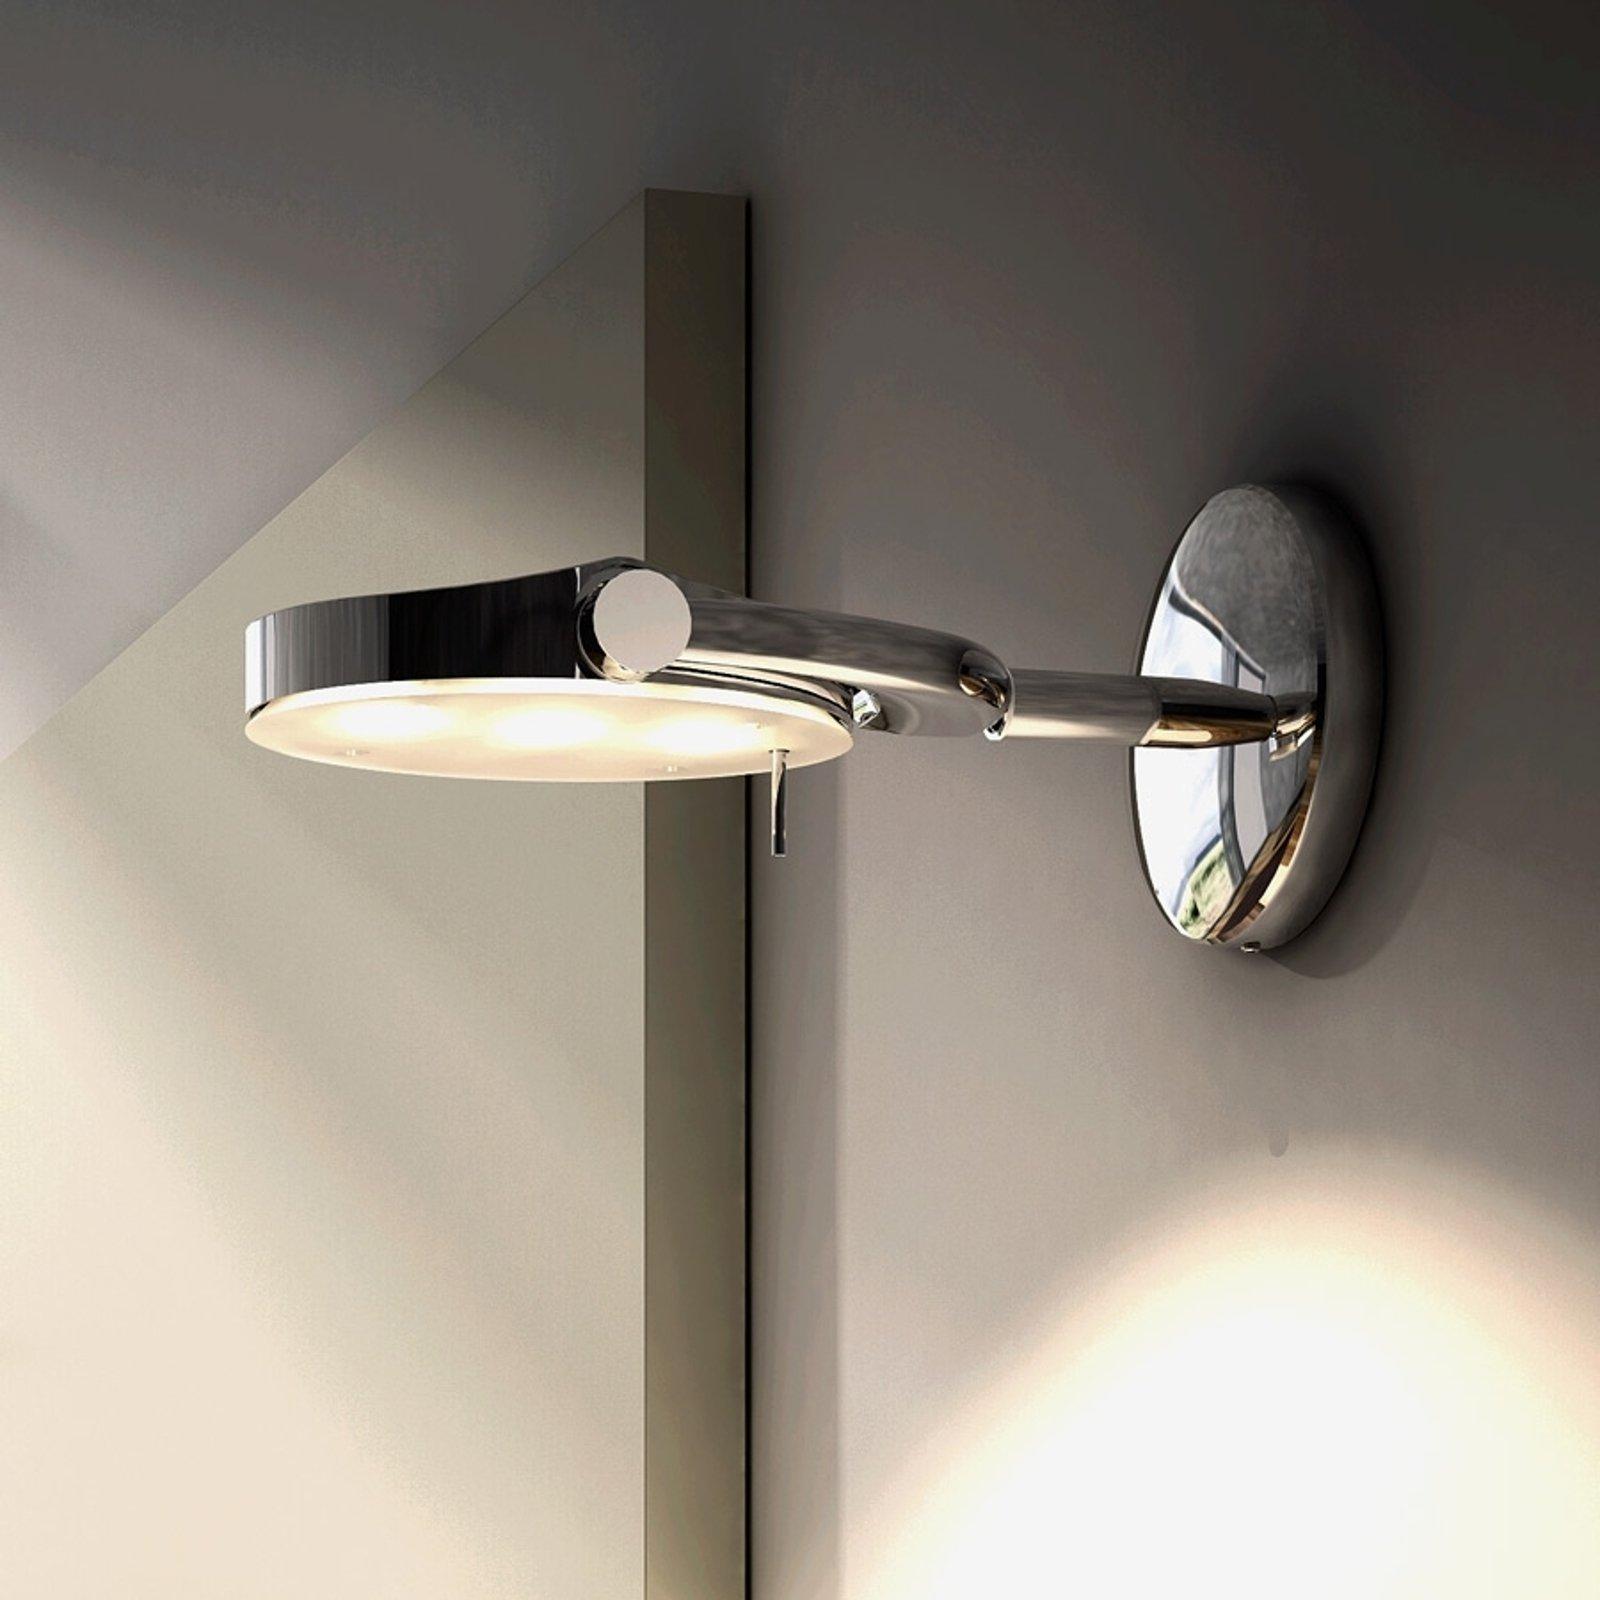 LED-vegglampe Perceval liten, kan vippes og dreies